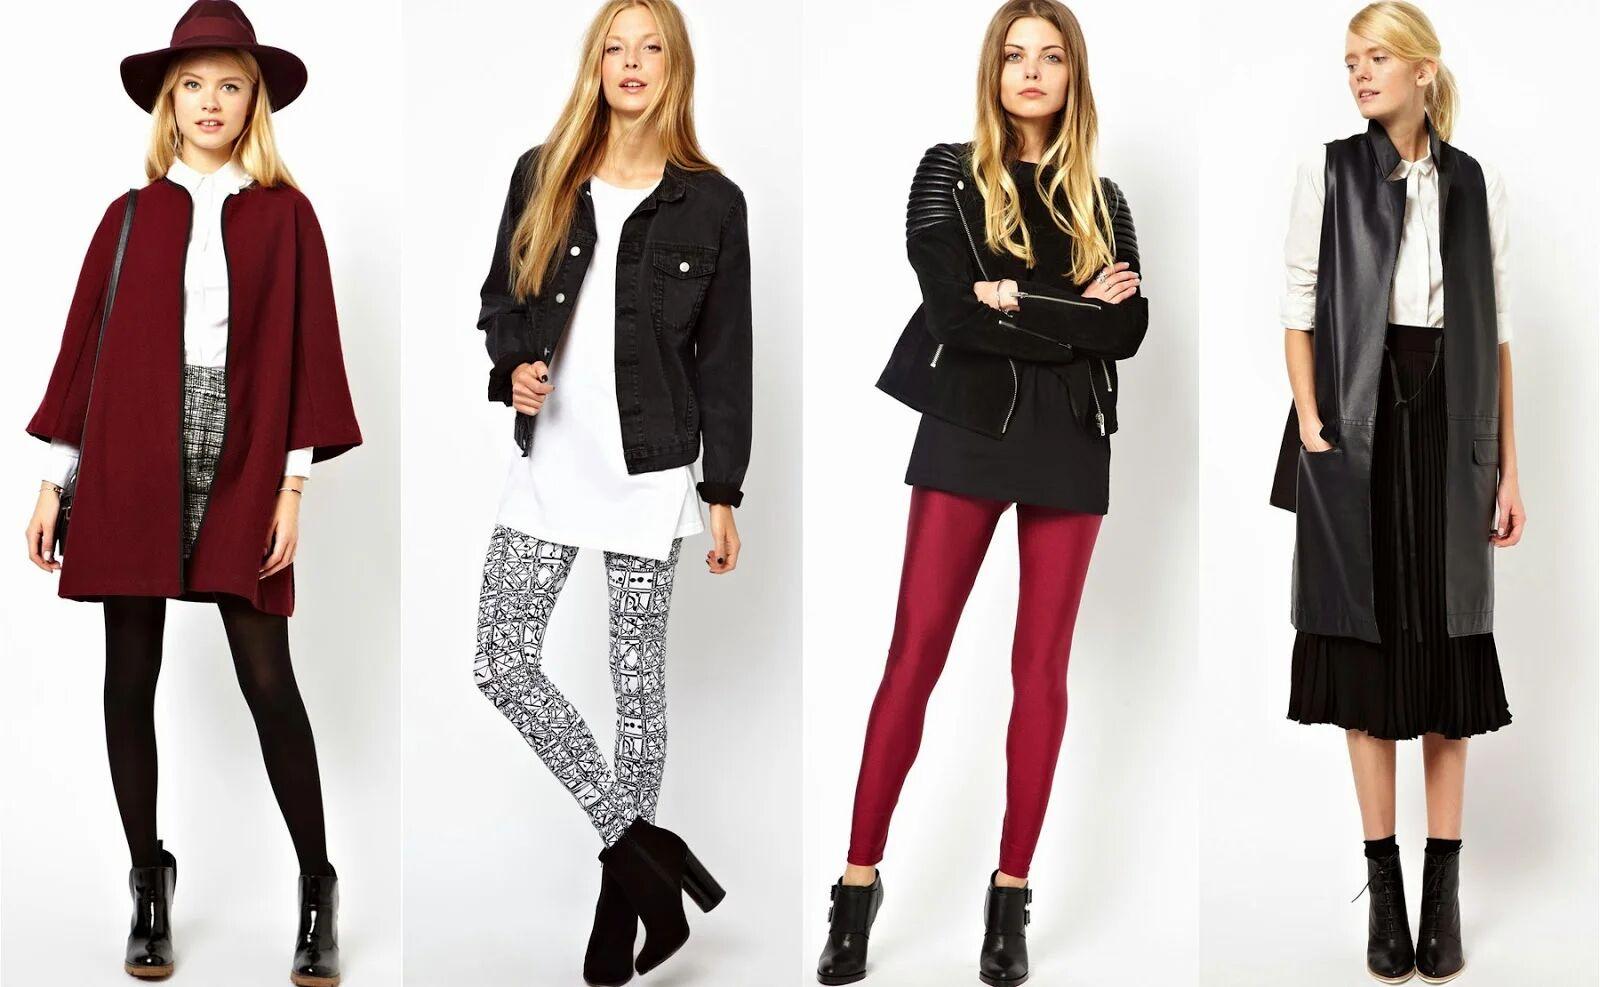 Школьные пиджаки для девочек оптом, купить пиджаки для школы в Украине, Одессе, Харькове — интернет-магазин Lipar